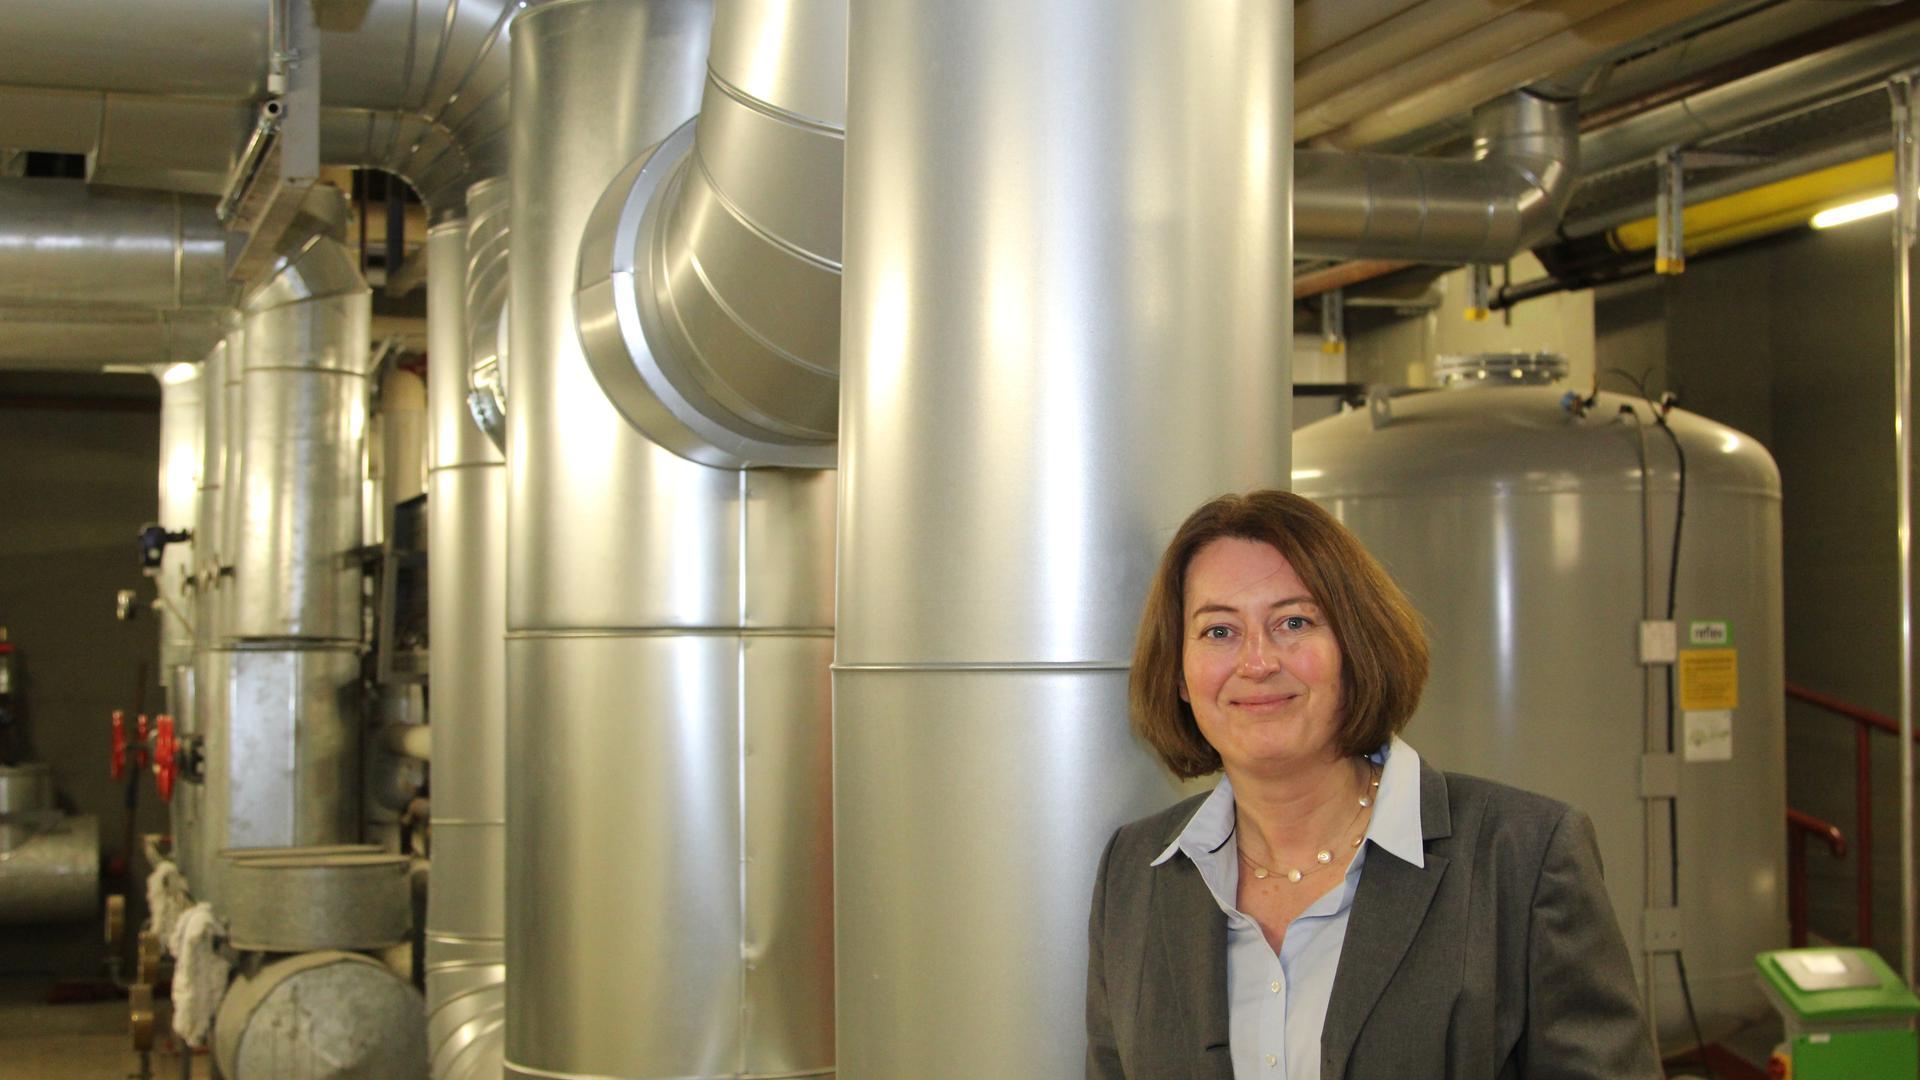 Ingela Tietze, ab Ende 2020 Prorektorin Hochschule Pforzheim, zuständig für das Ziel Klimaneutralität